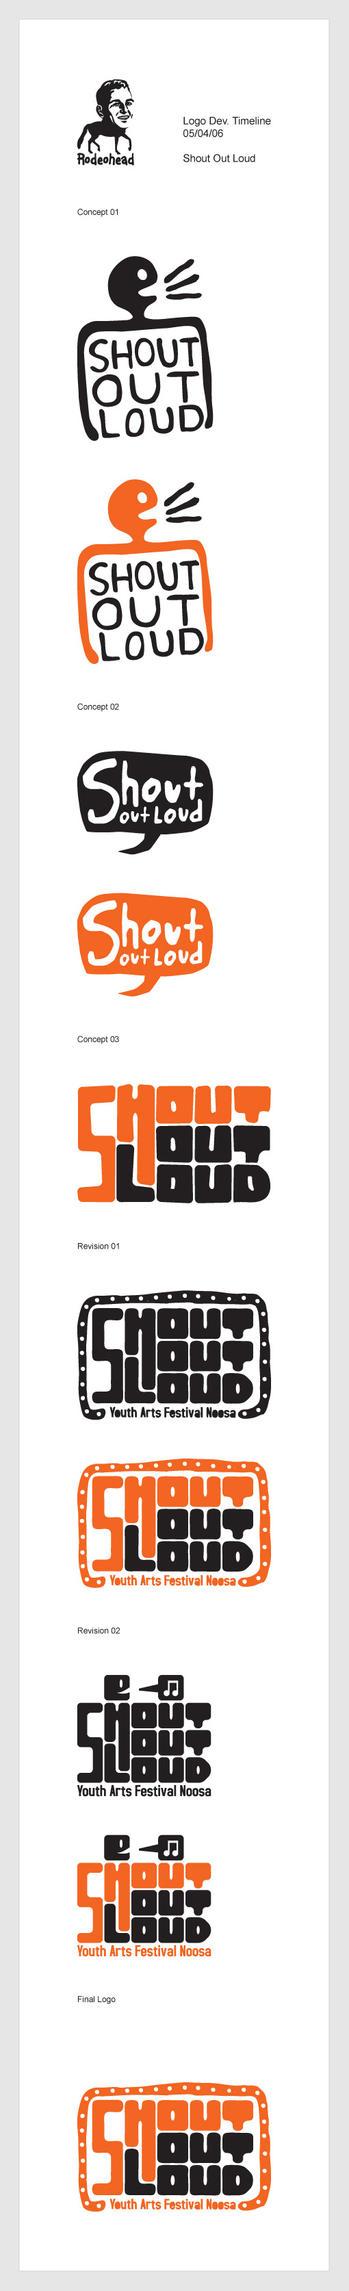 Shout Out Loud Logo Timeline by dugebag